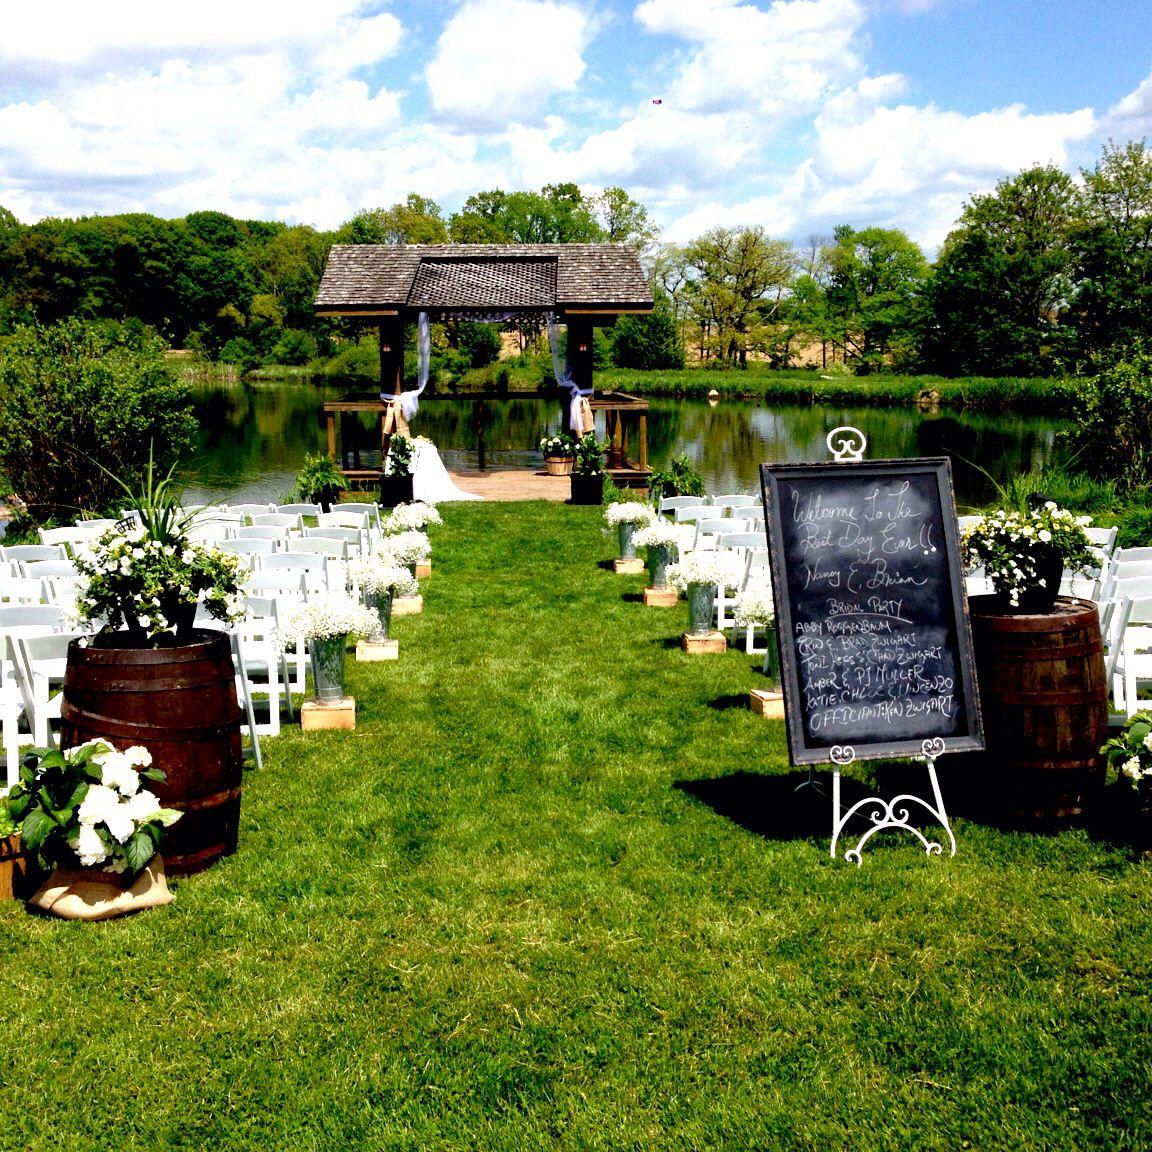 Outdoor Wedding Ceremony Doors: Beautiful Outdoor Wedding Ceremony On Pond. #rusticwedding